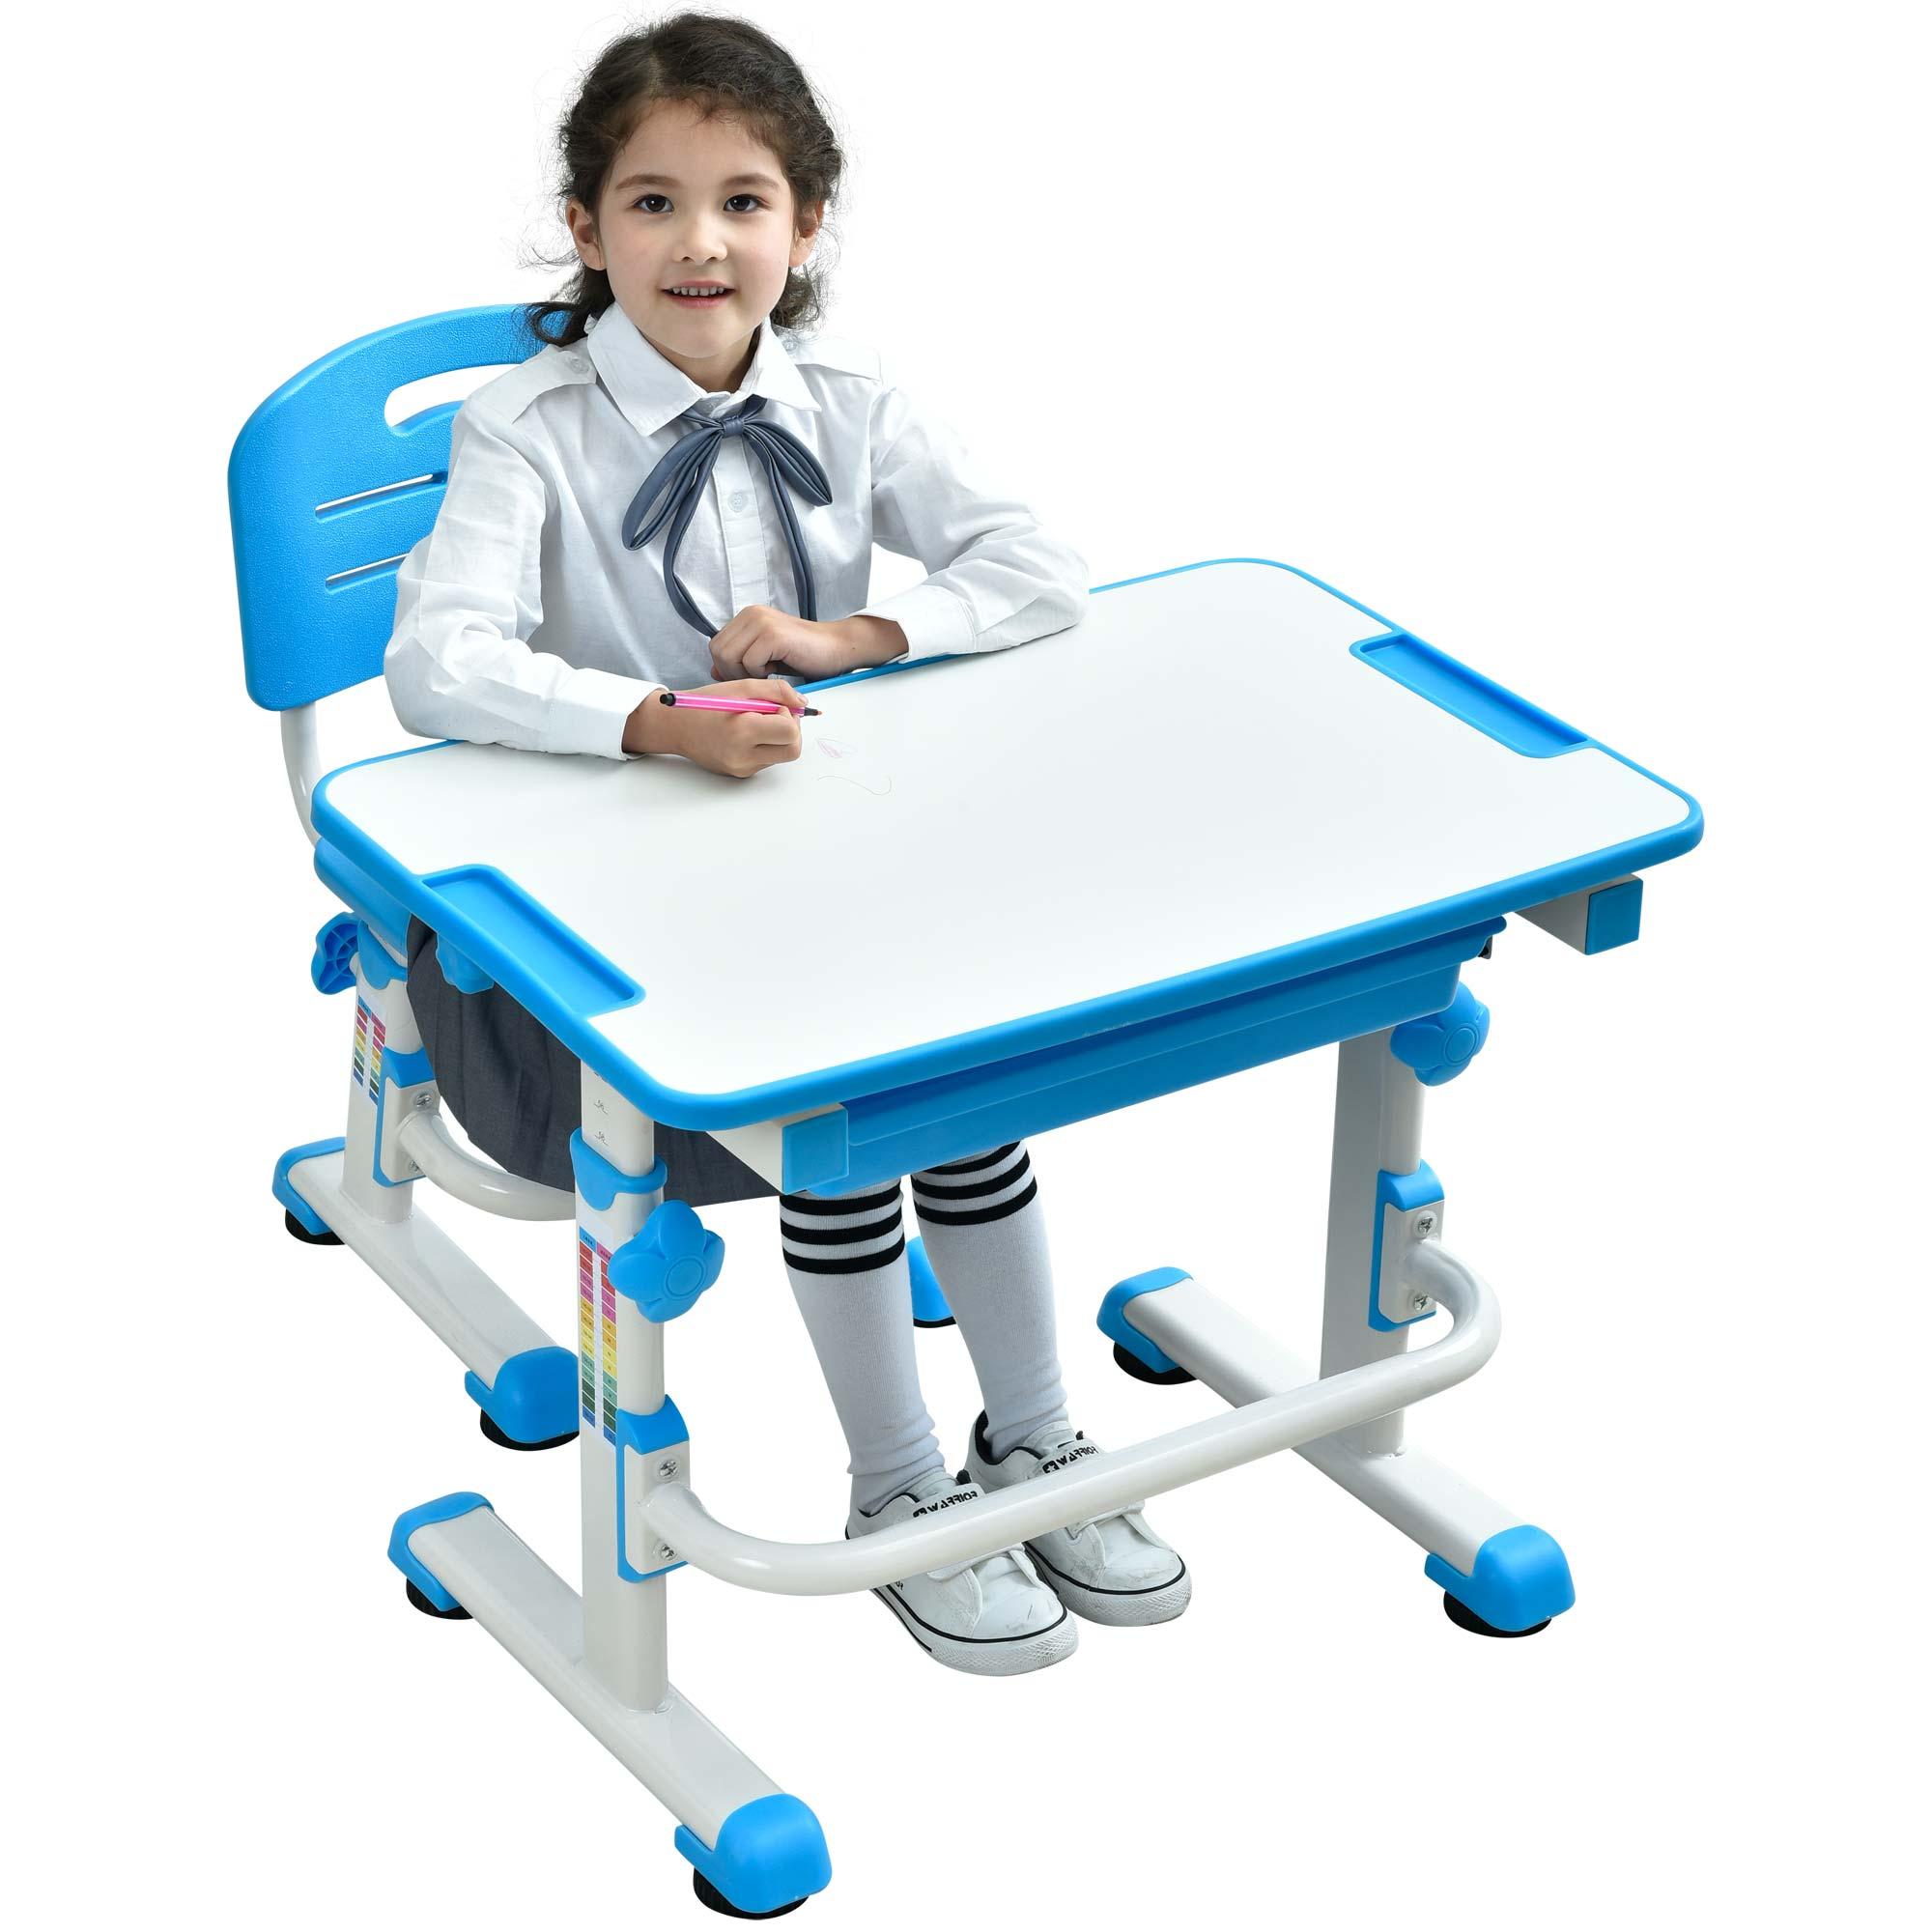 height-adjustable-kids-study-desk-ergonomic-table-for-children-mini-blue-desk-01